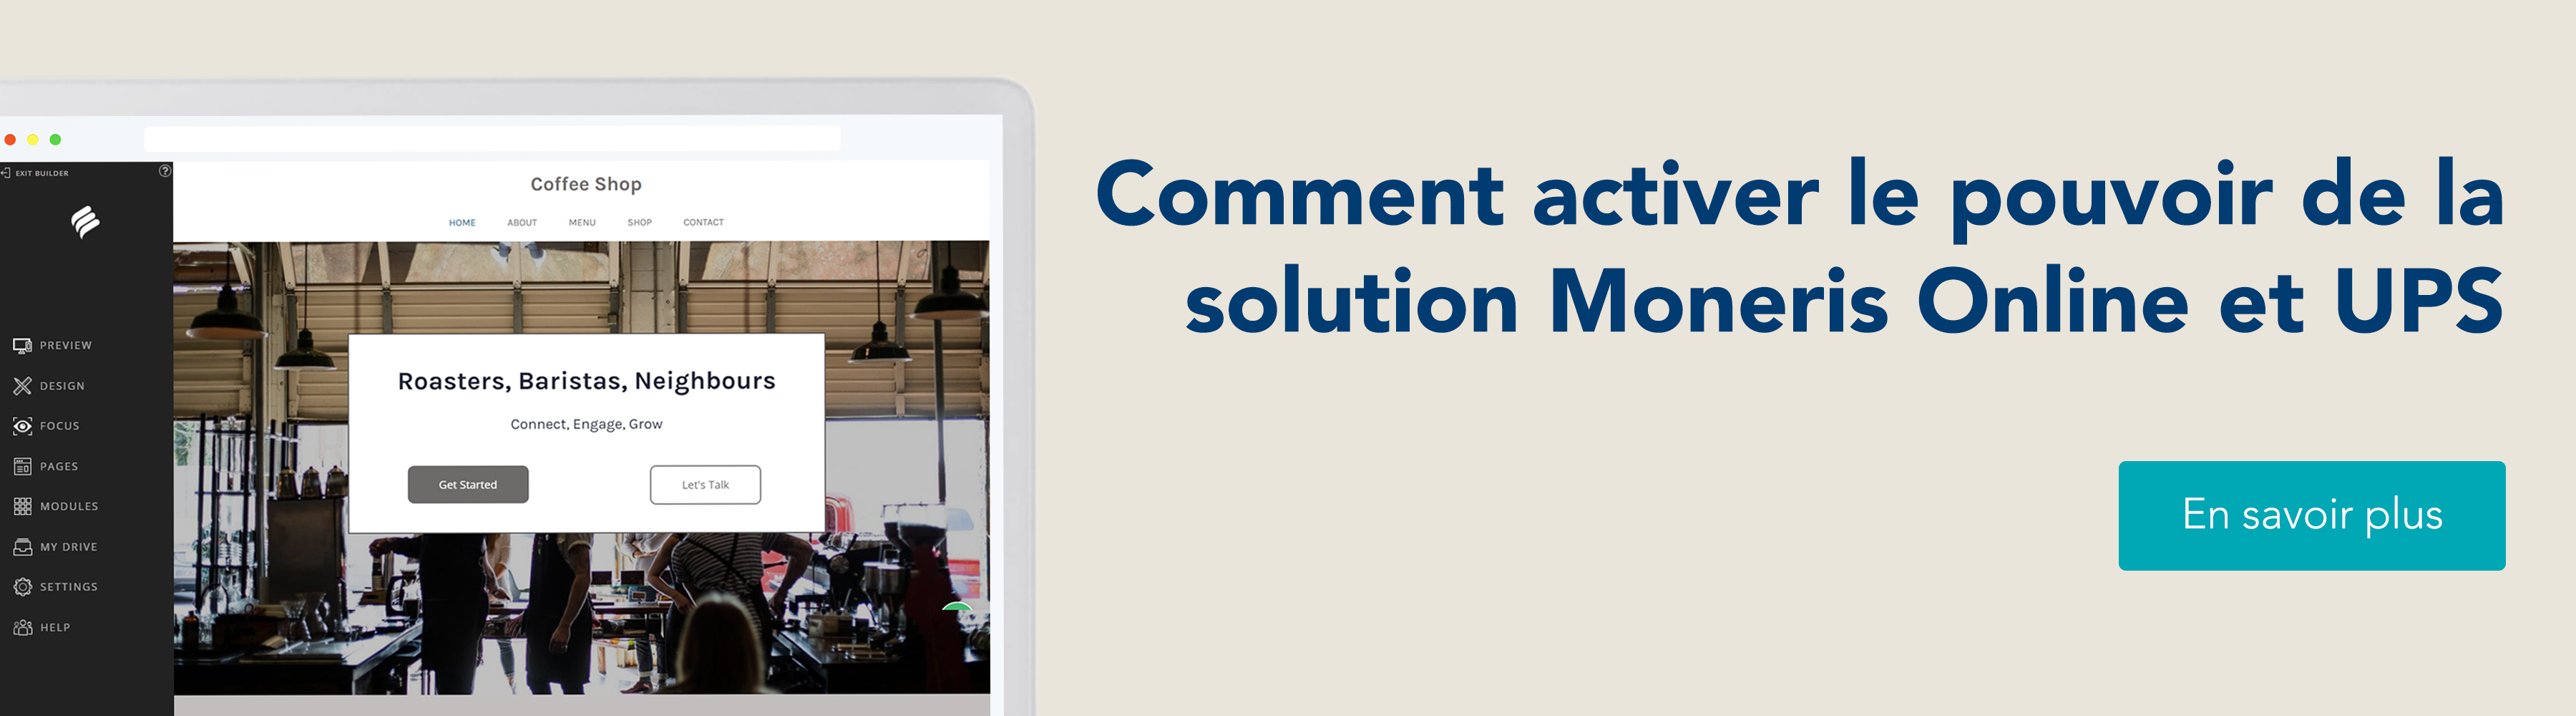 Commencer à vendre en ligne, ou comment activer le pouvoir de la solution Moneris Online